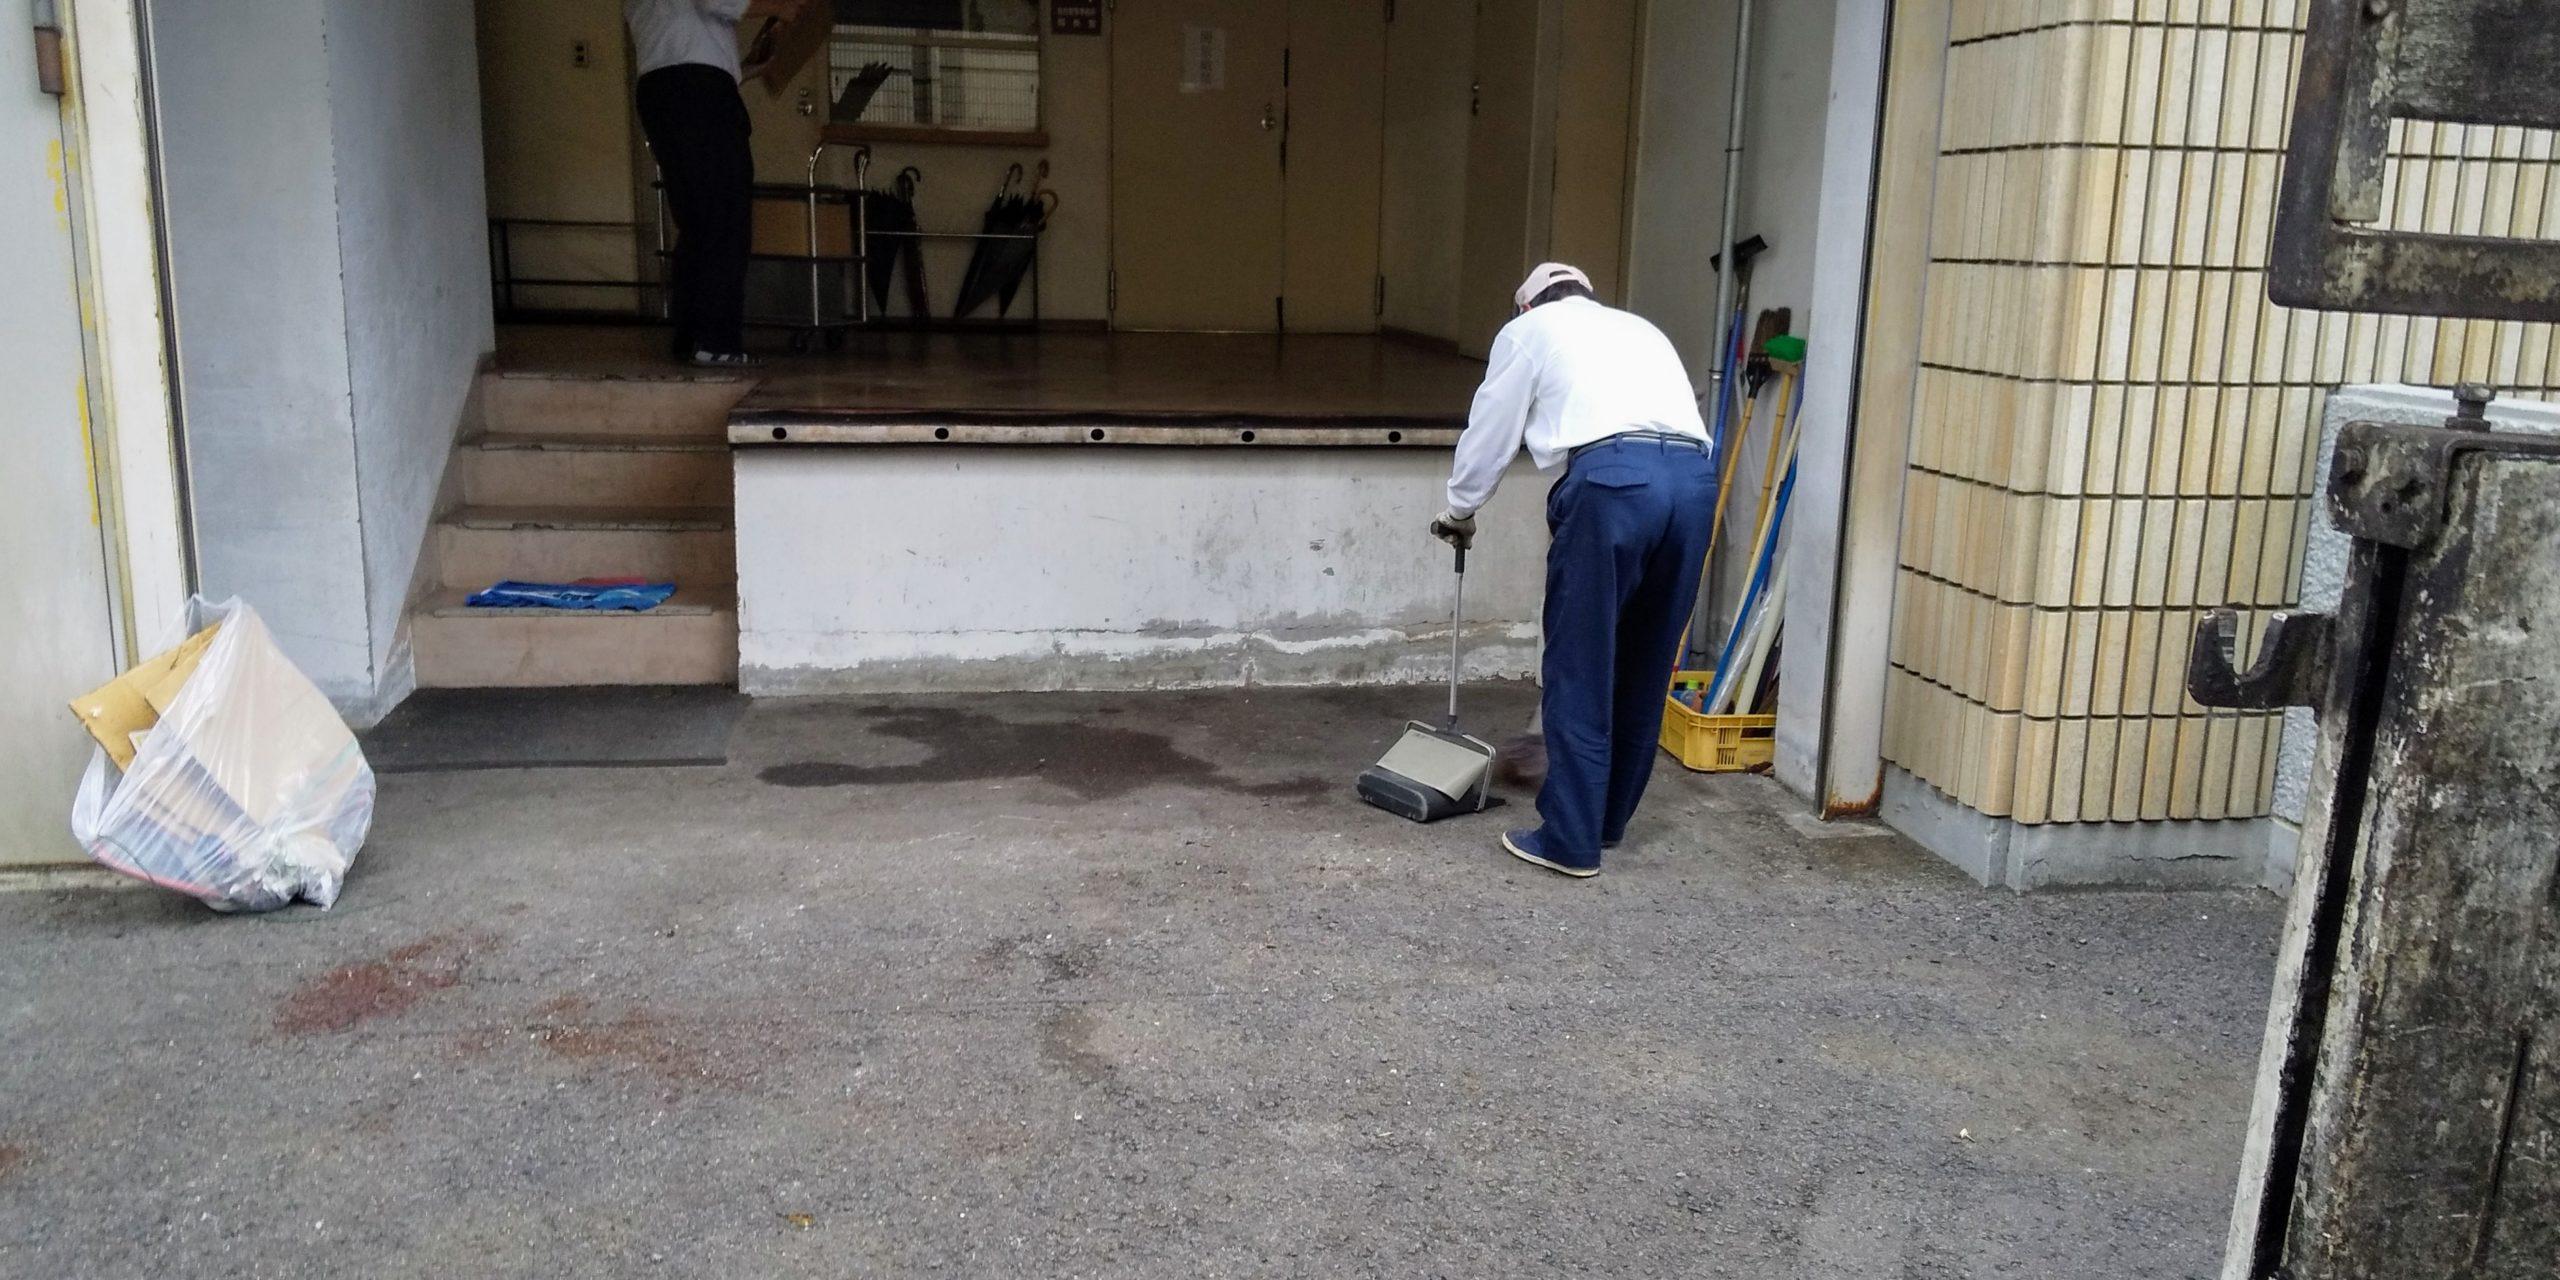 仕上げの清掃をするスタッフ